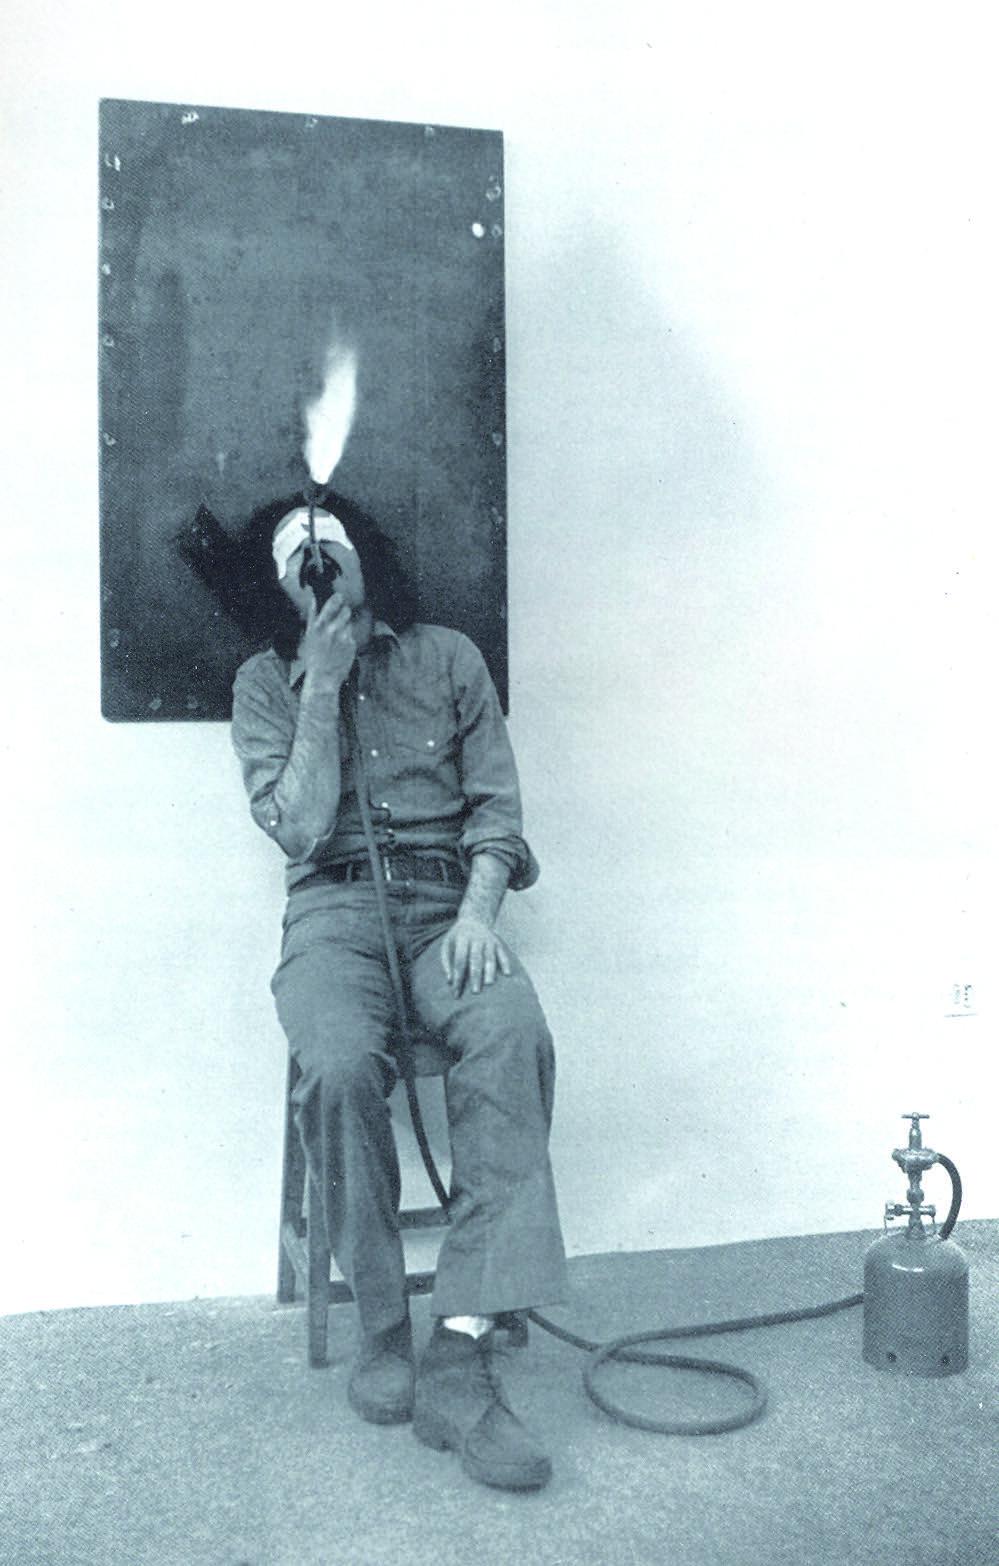 """Jannis Kounellis, """"un capitano di quindici anni - i viaggi straordinari"""", 1980"""